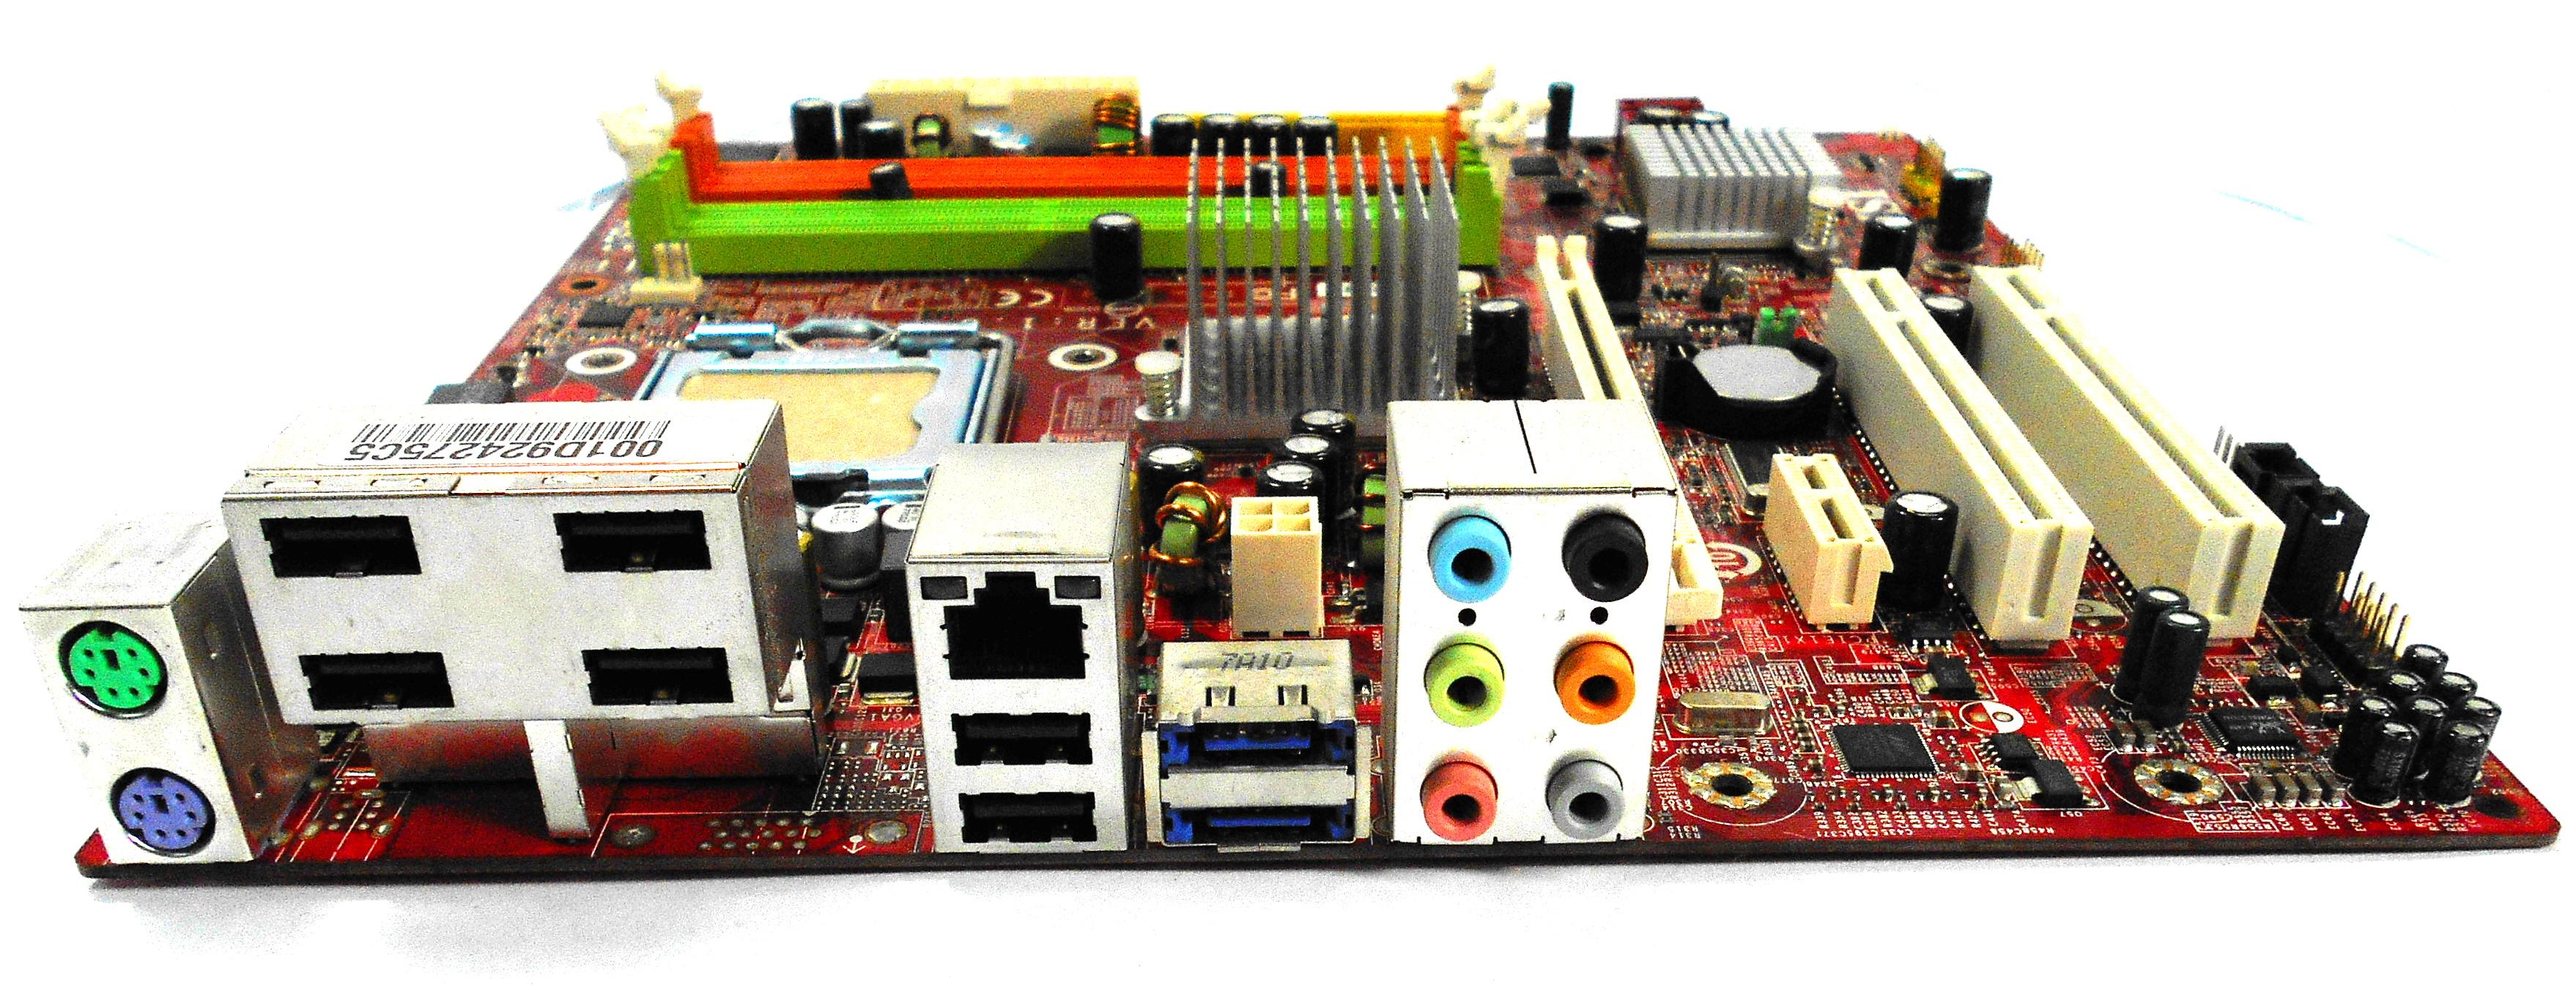 Xfx n1996 motherboard